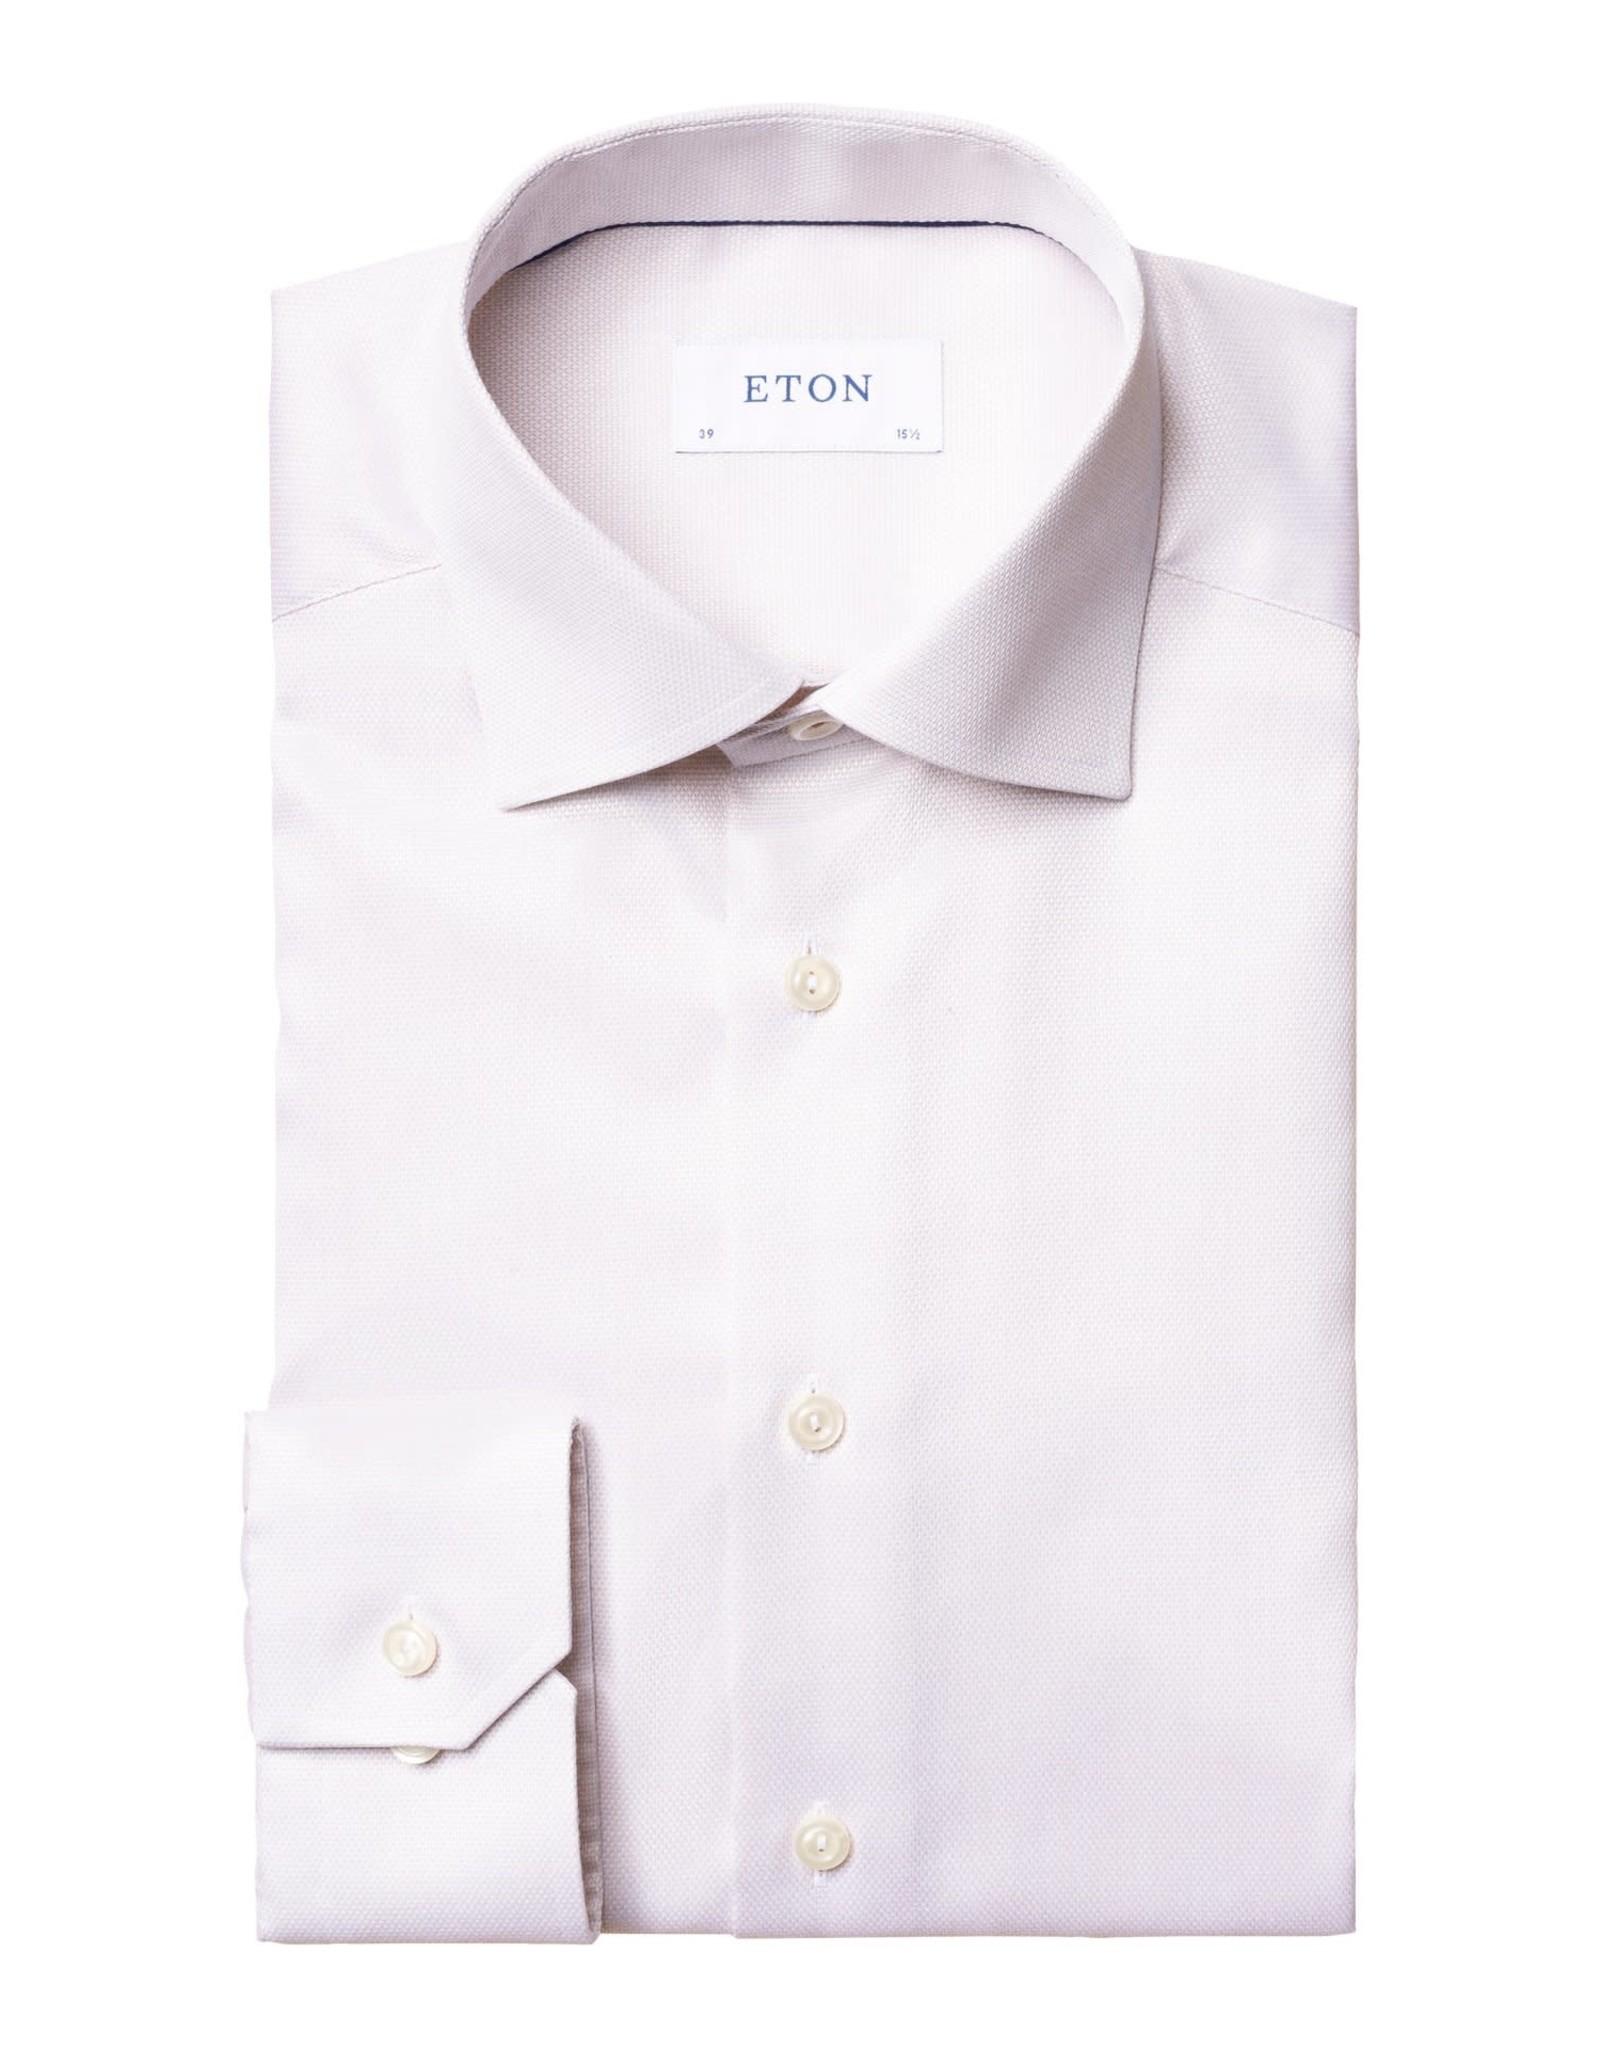 Eton Eton hemd beige slim 1055